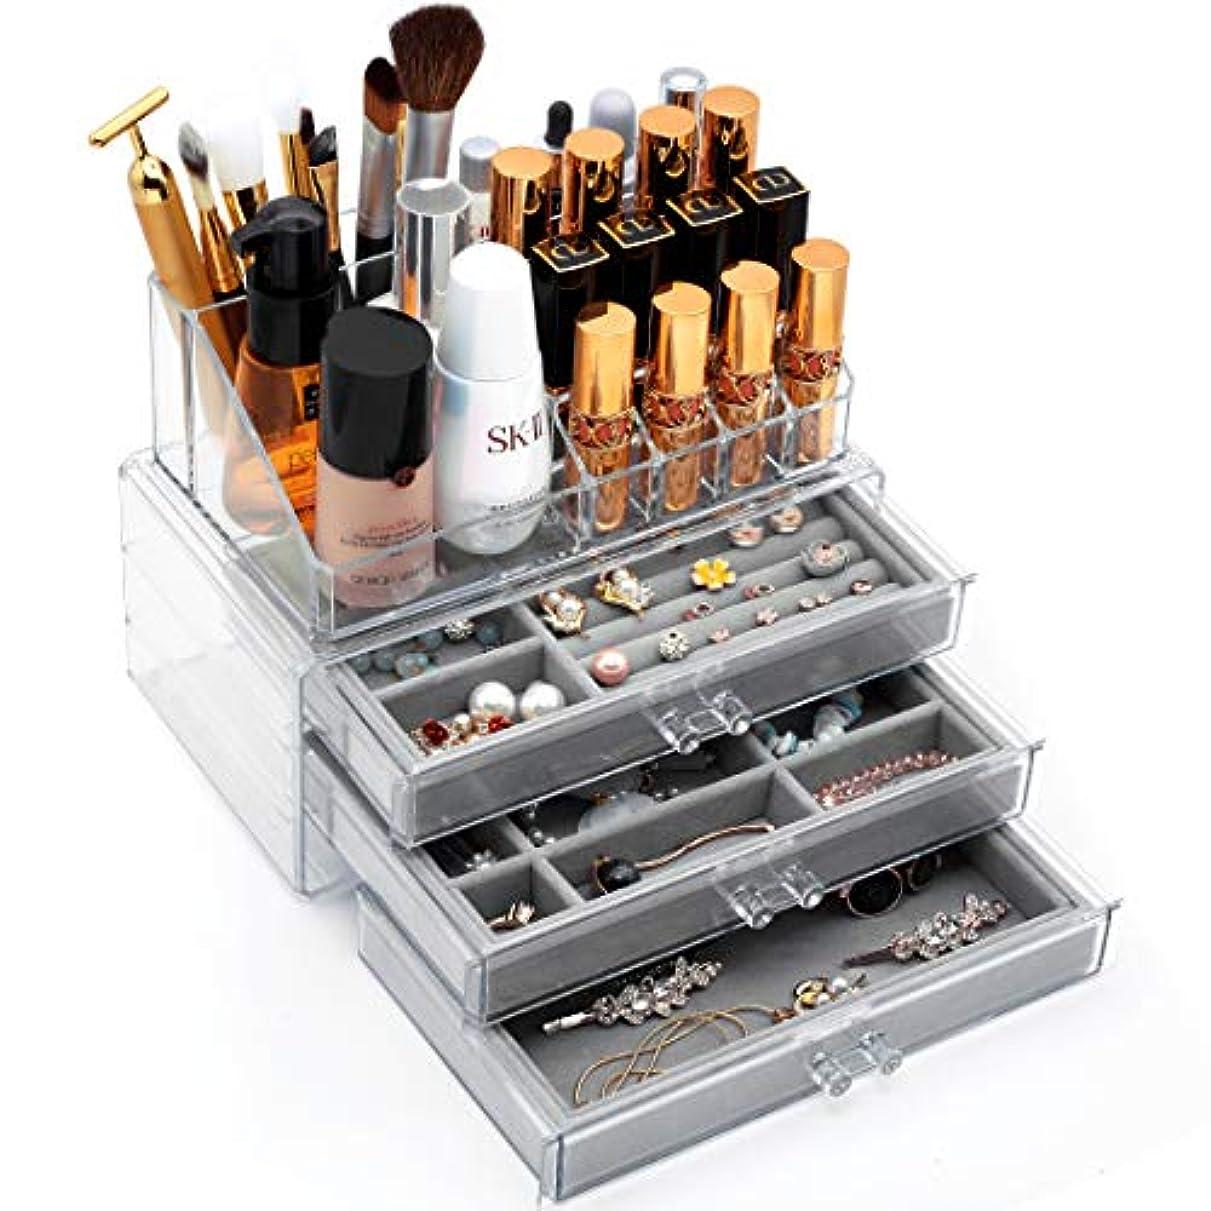 リアルよろめくルーチンFORSONT ジュエリー&化粧品ボックス 大容量 アクセサリーボックス 小物/化粧品入れ 引き出し式